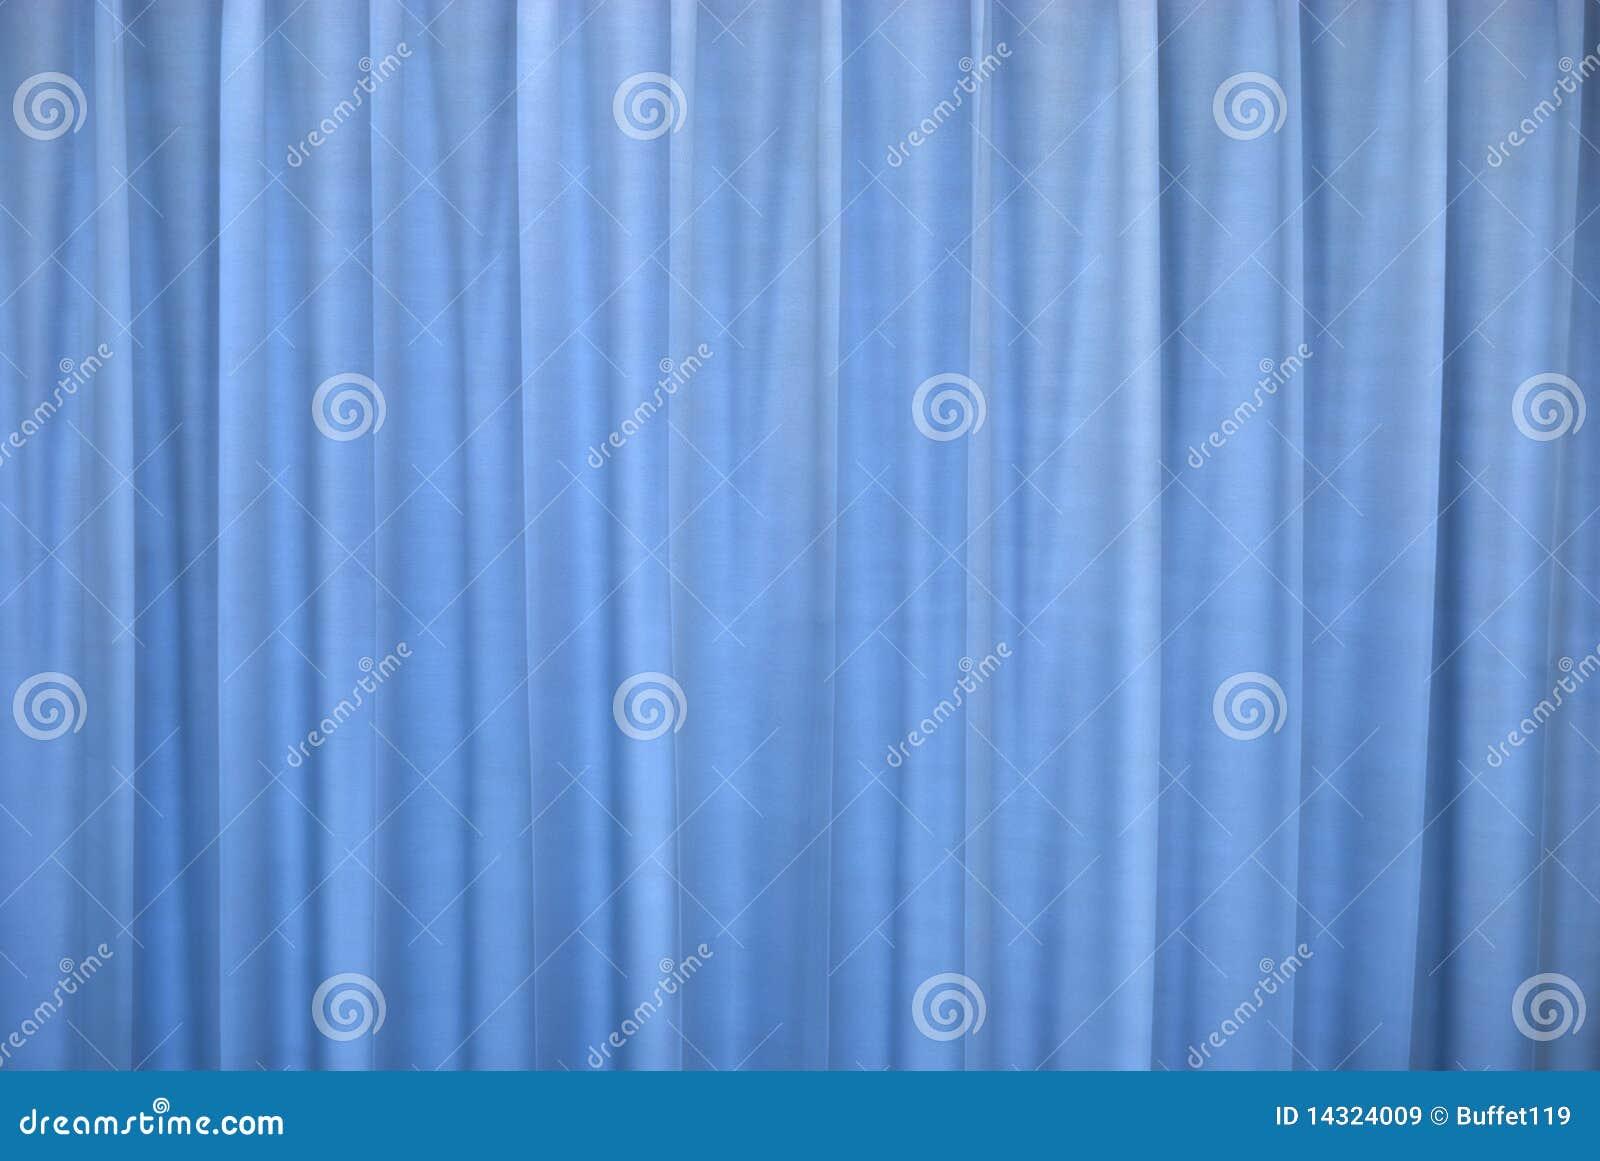 Blauw gordijn royalty vrije stock afbeeldingen afbeelding 14324009 - Gordijn blauwe eend ...